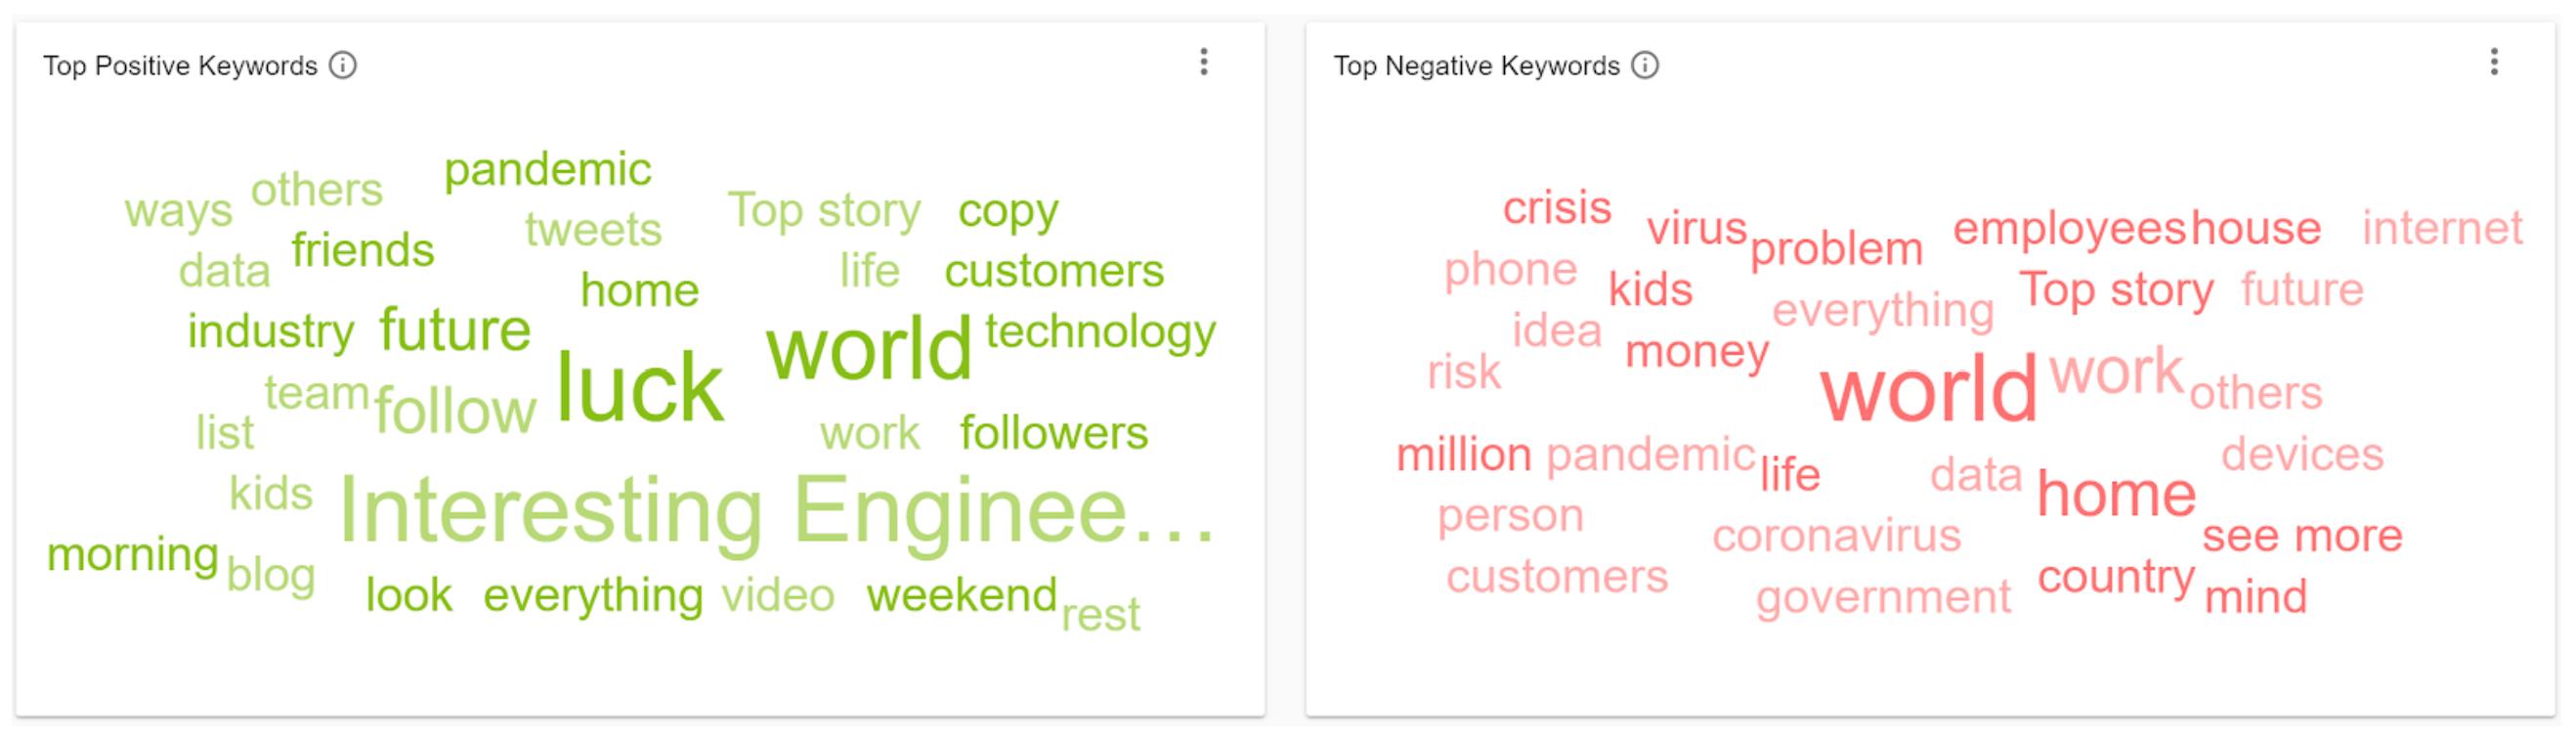 5 Positive Negative Social Listening IOT Keywords